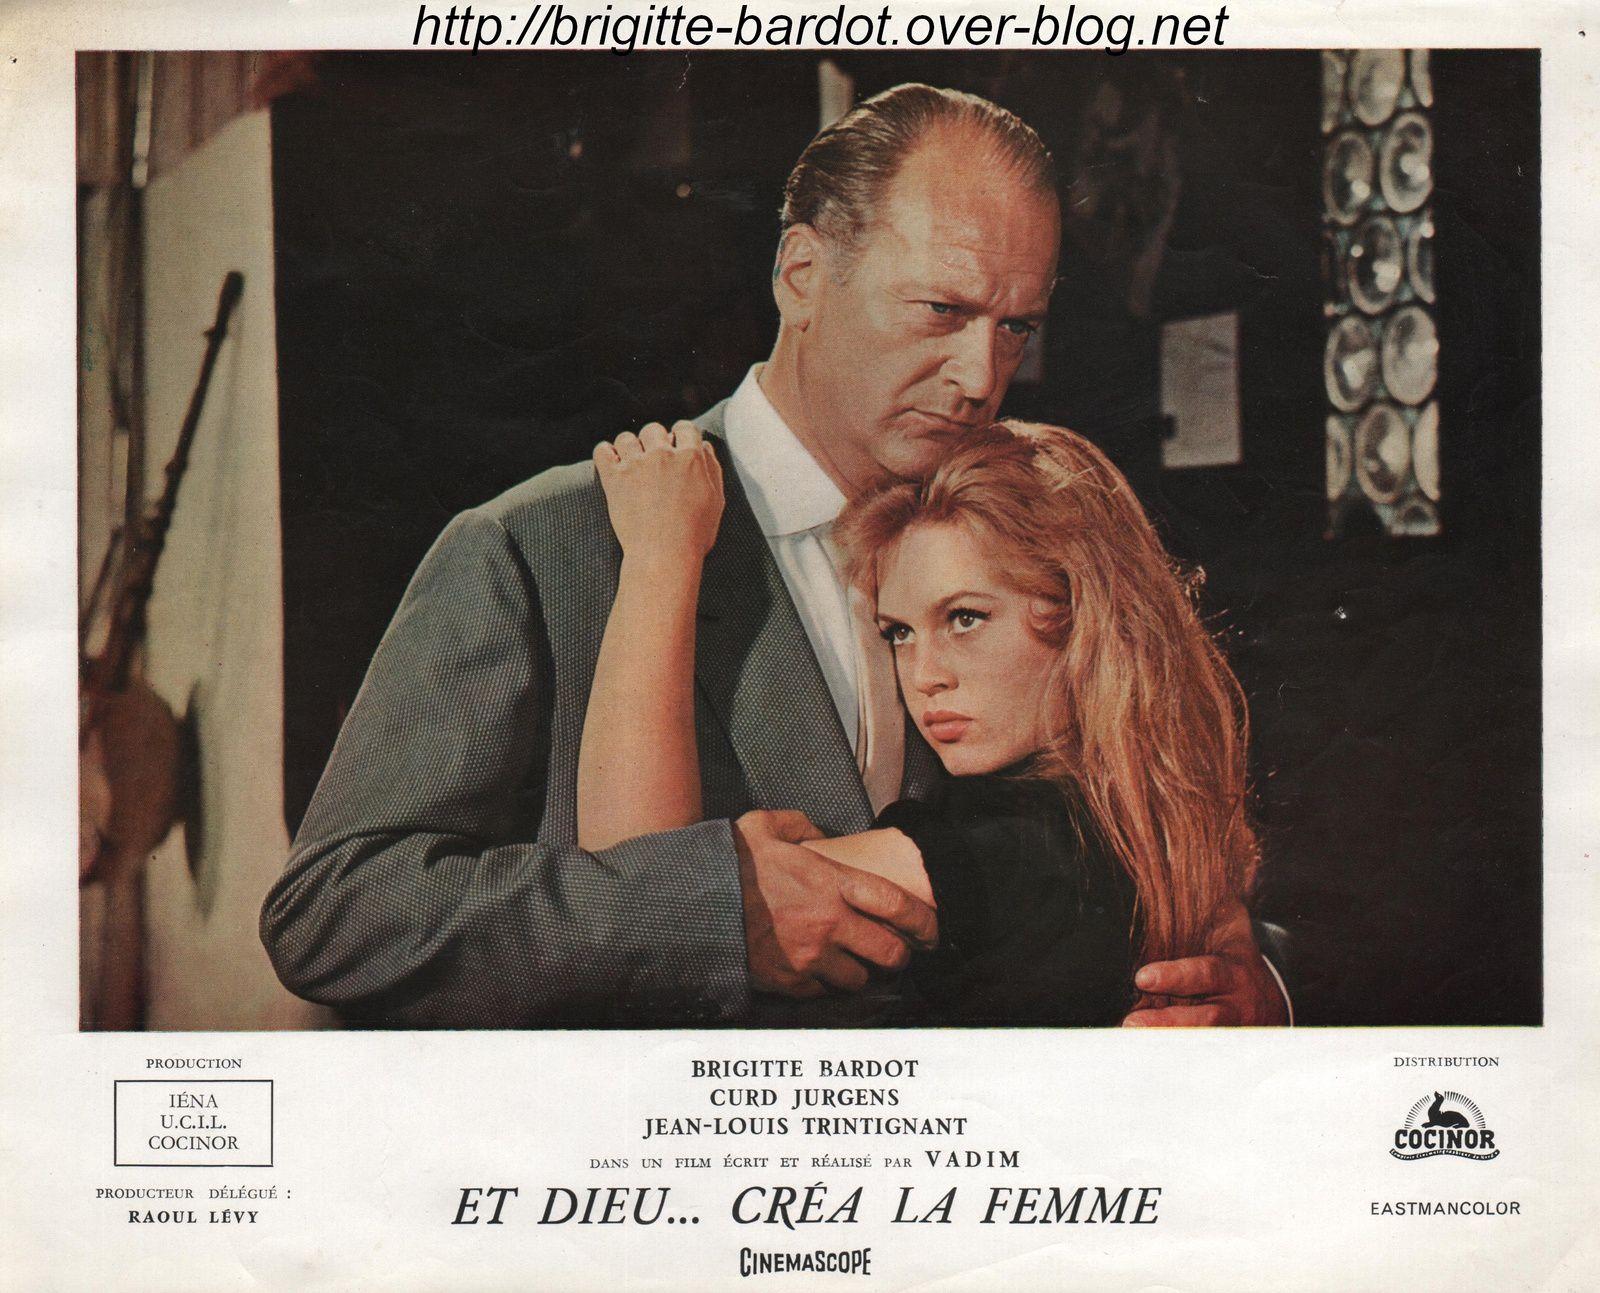 Brigitte Bardot Film culte...Et Dieu créa la femme...